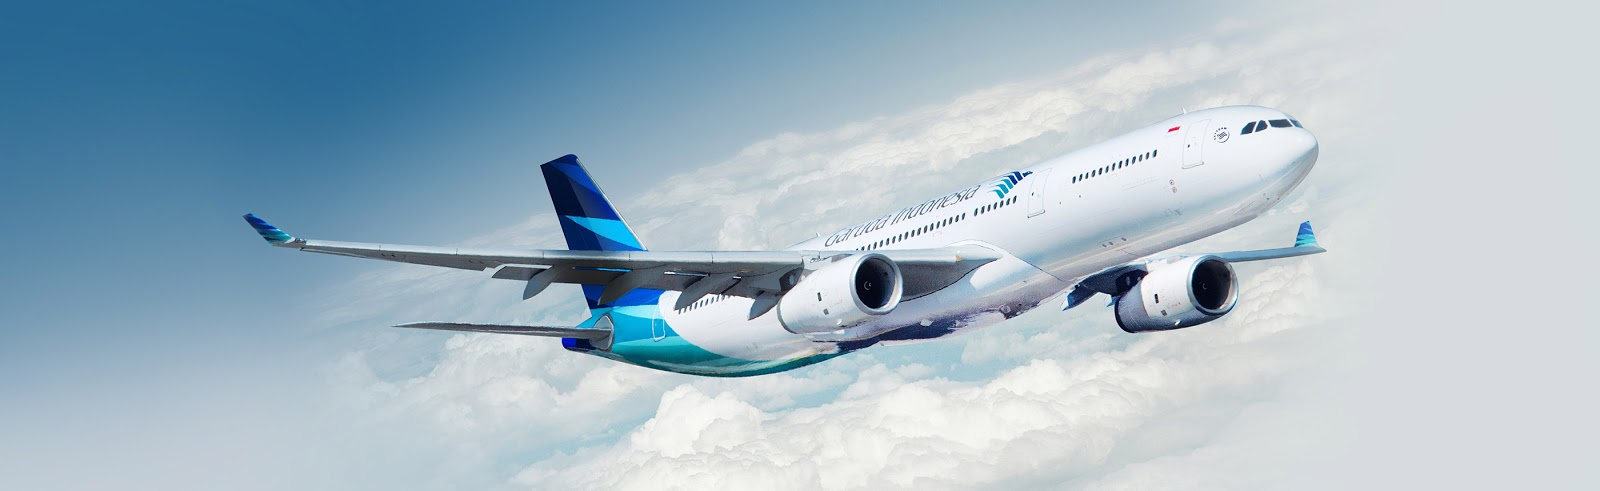 Cara Mudah Memesan Tiket Pesawat Garuda Melalui blanja.com